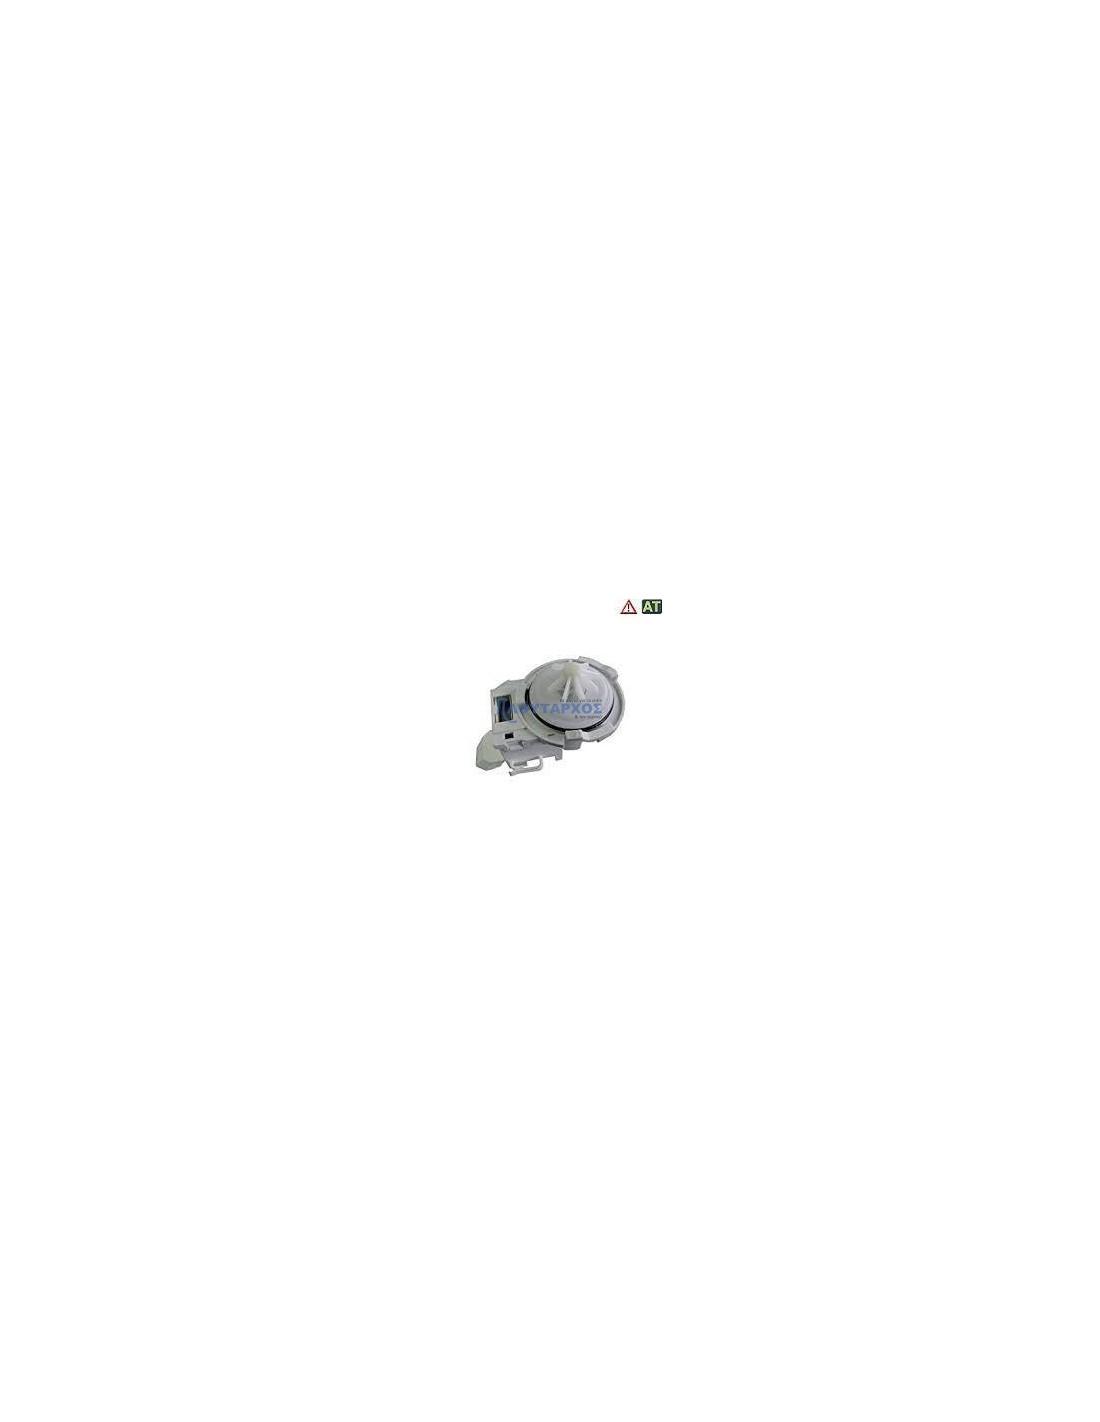 ... PITSOS Αντλία αποχέτευσης πλυντηρίου πιάτων PITSOS SIEMENS BOSCH NEFF Αντλίες  Πλυντήριων πιάτων ad69e84895a